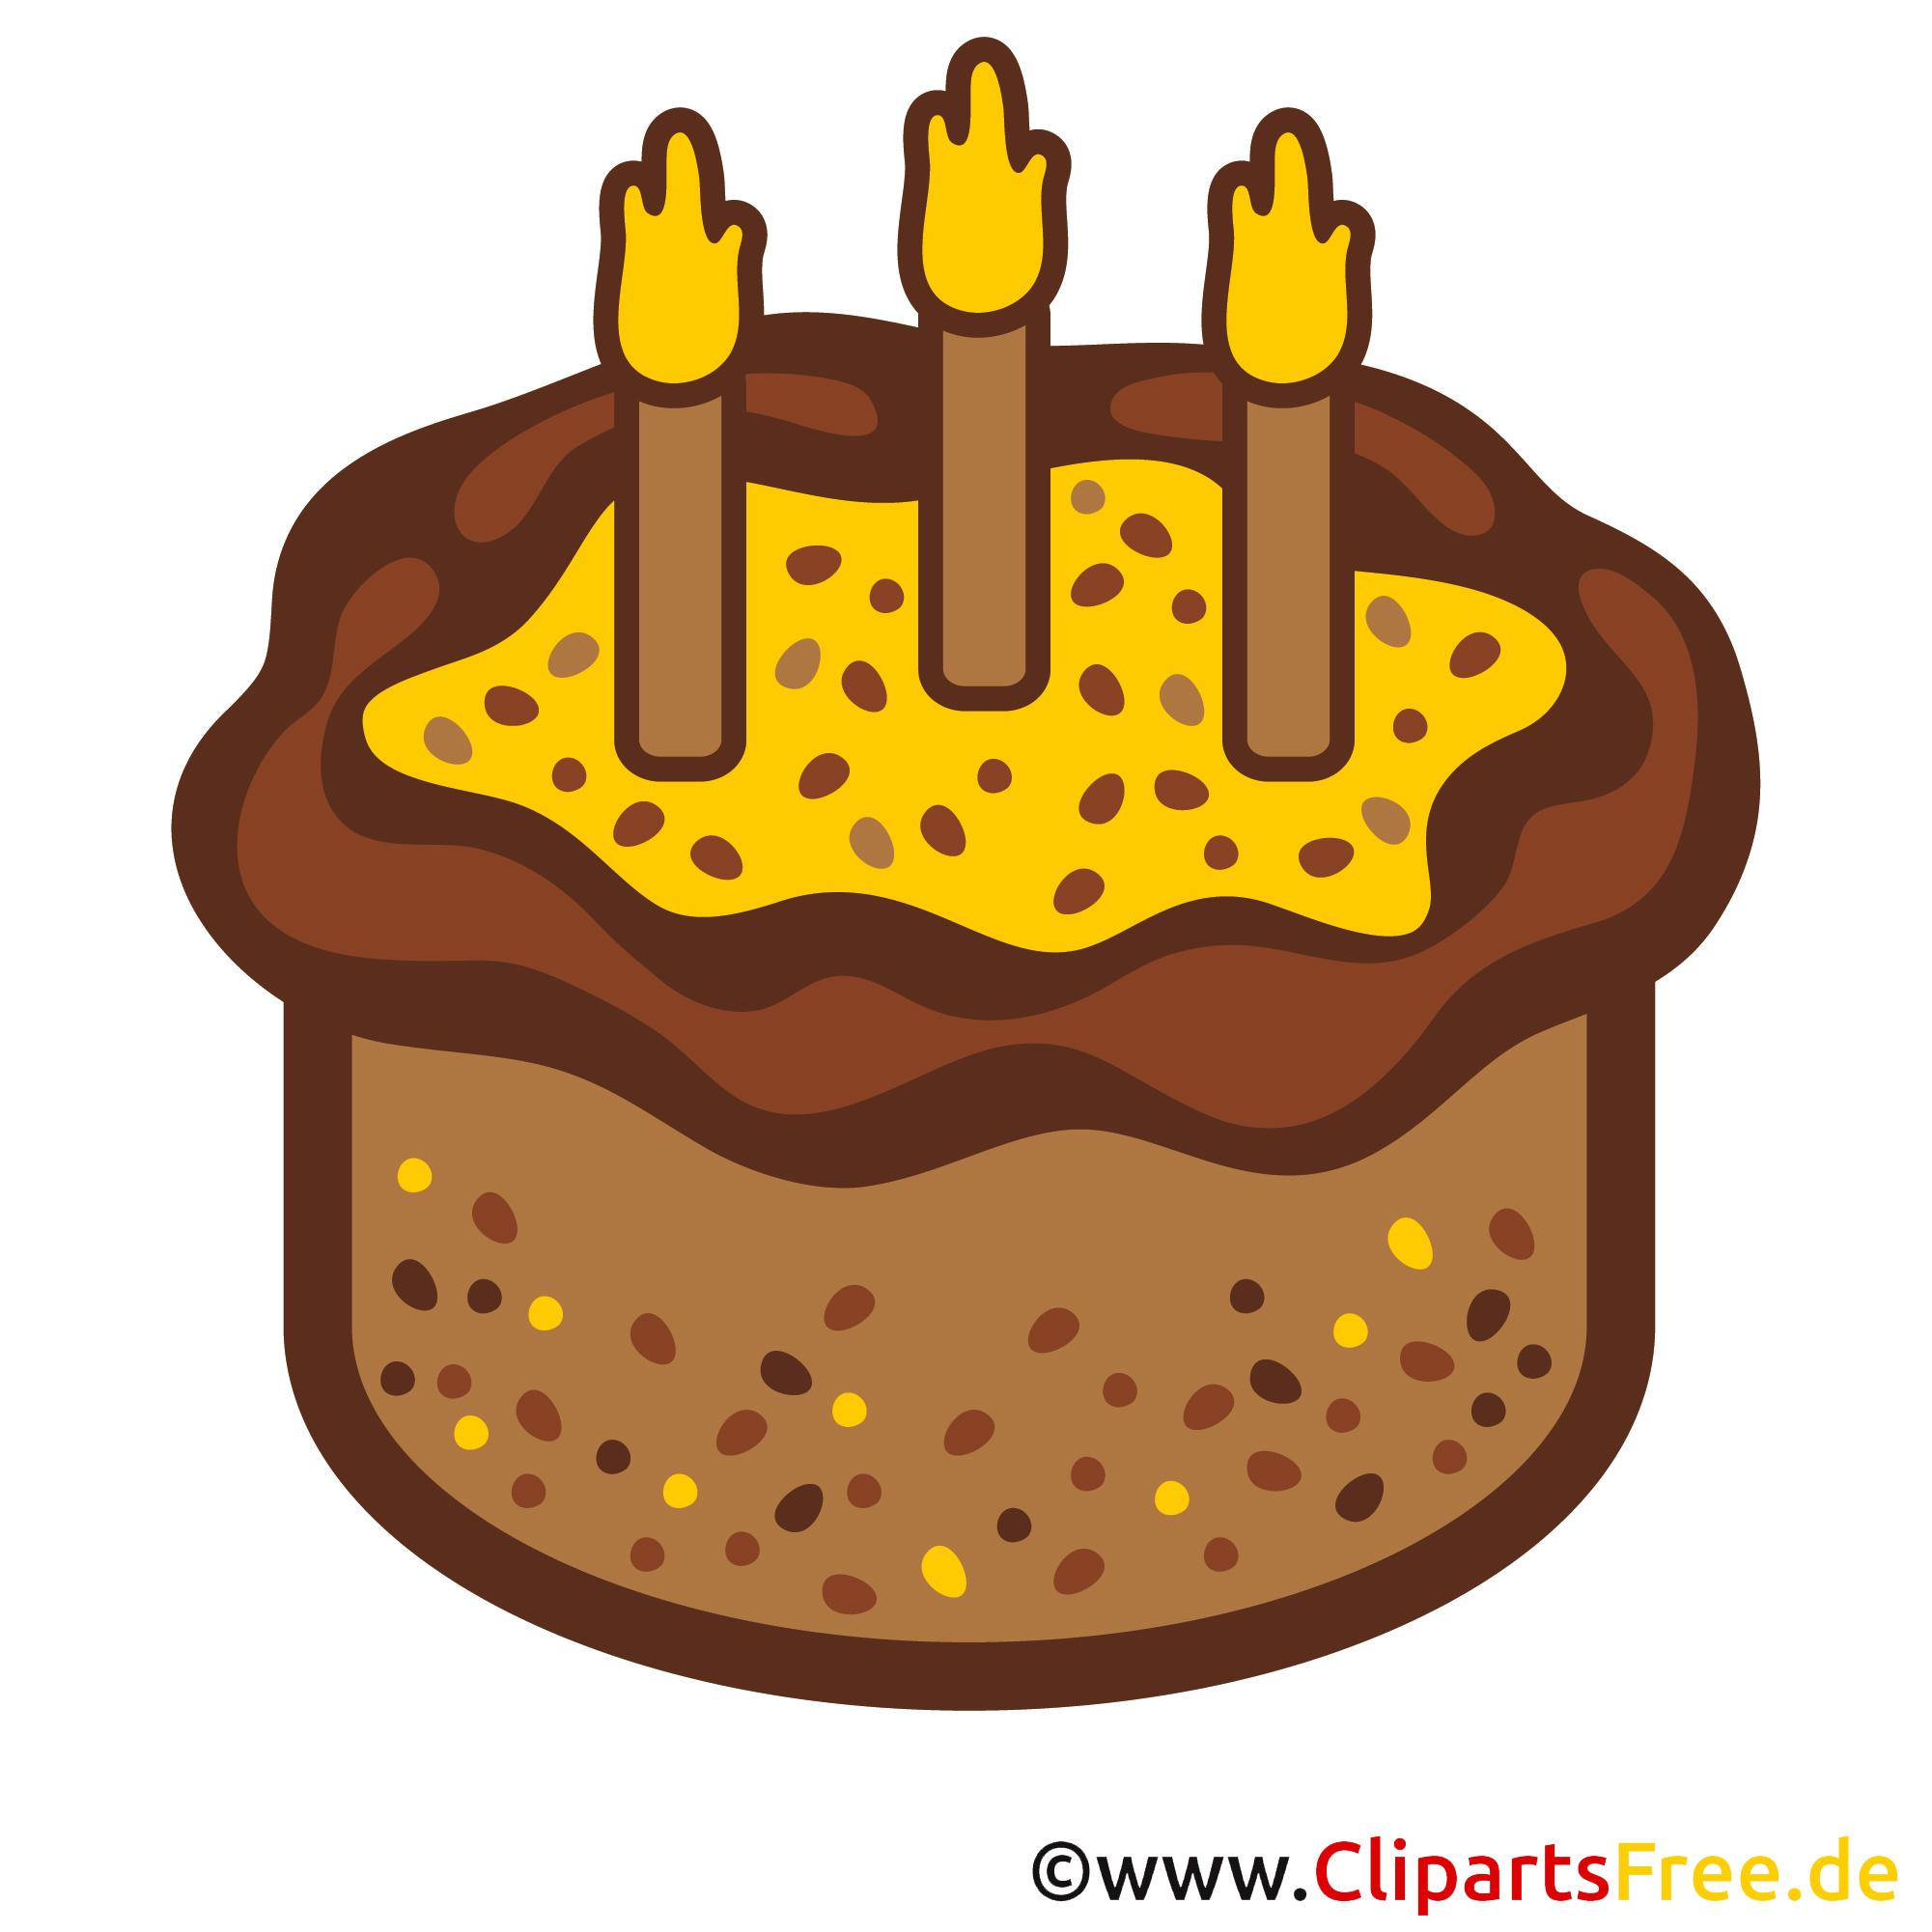 Einladung zum Geburtstag selbst gestalten - Clipart Geburtstagskuchen